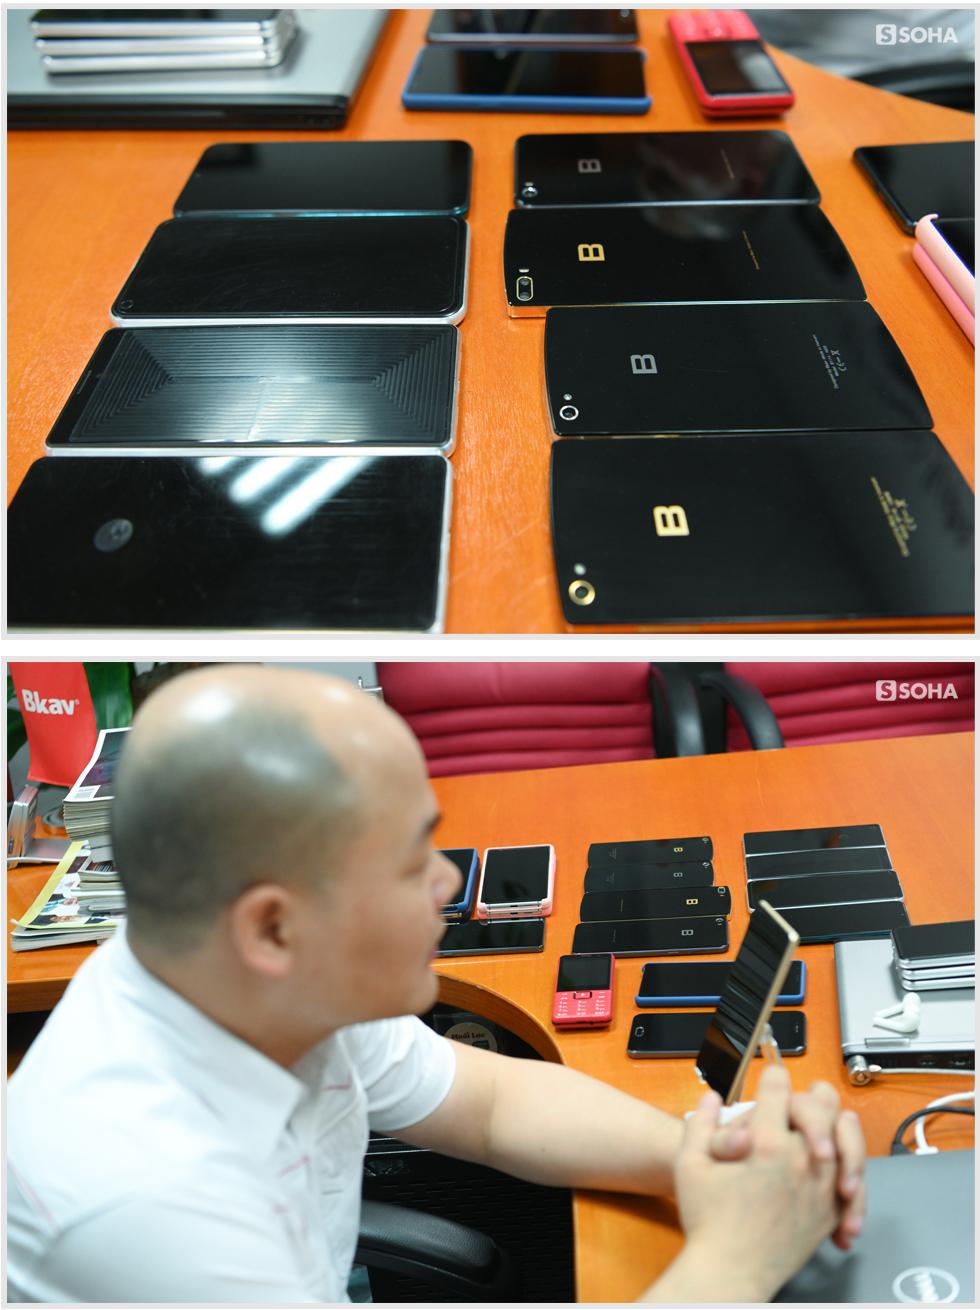 [Bí mật phòng sếp] Căn phòng không thể tin nổi của Nguyễn Tử Quảng và kiểu quần áo không đổi suốt 10 năm - Ảnh 6.